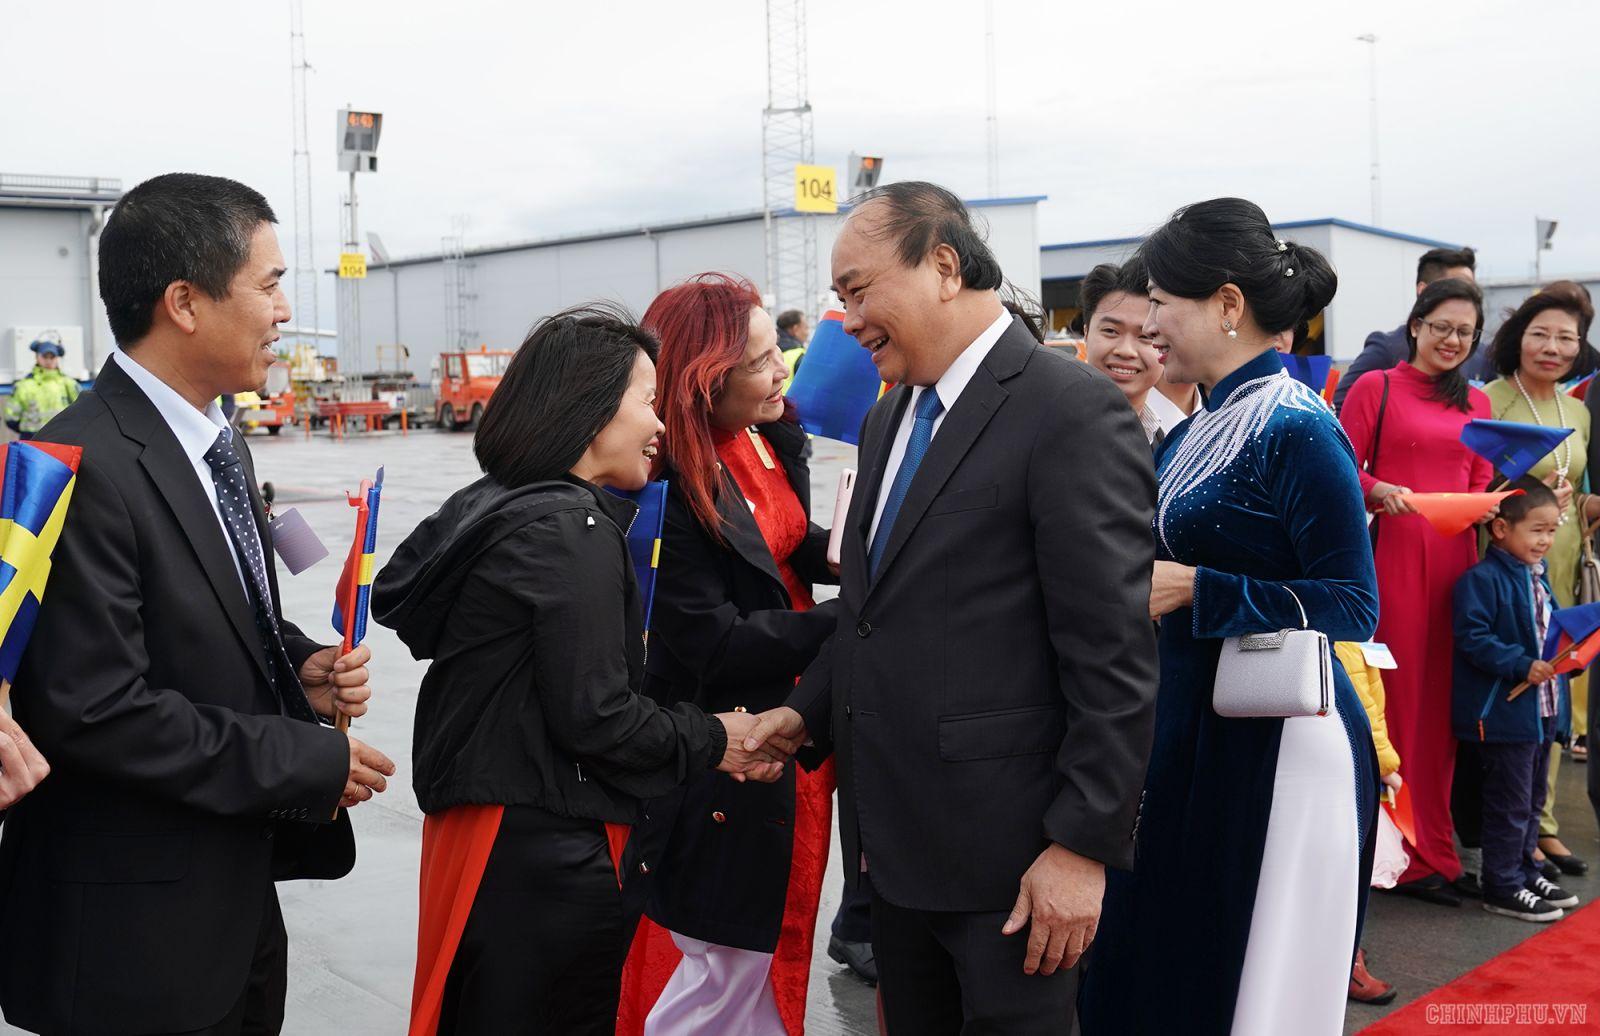 Lễ đón Thủ tướng, Phu nhân và đoàn tại sân bay. Ảnh: VGP/Quang Hiếu